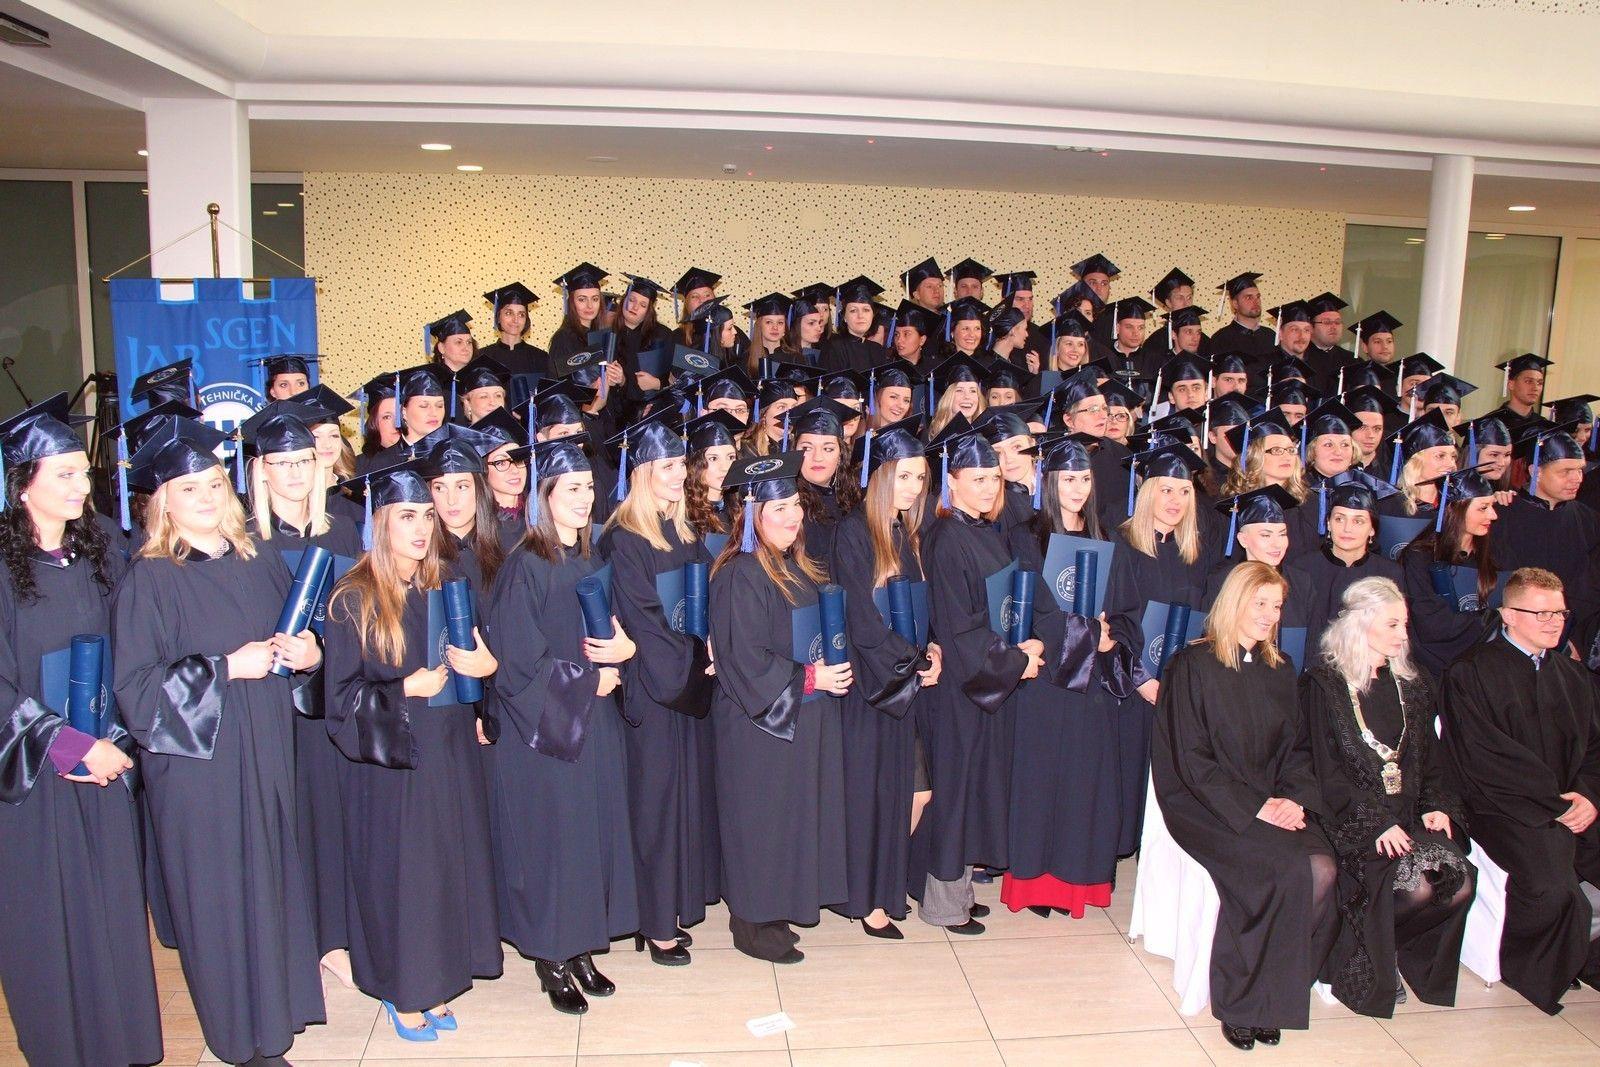 Diplome dobila 154 studenta prvostupnika mehatronike i sestrinstva